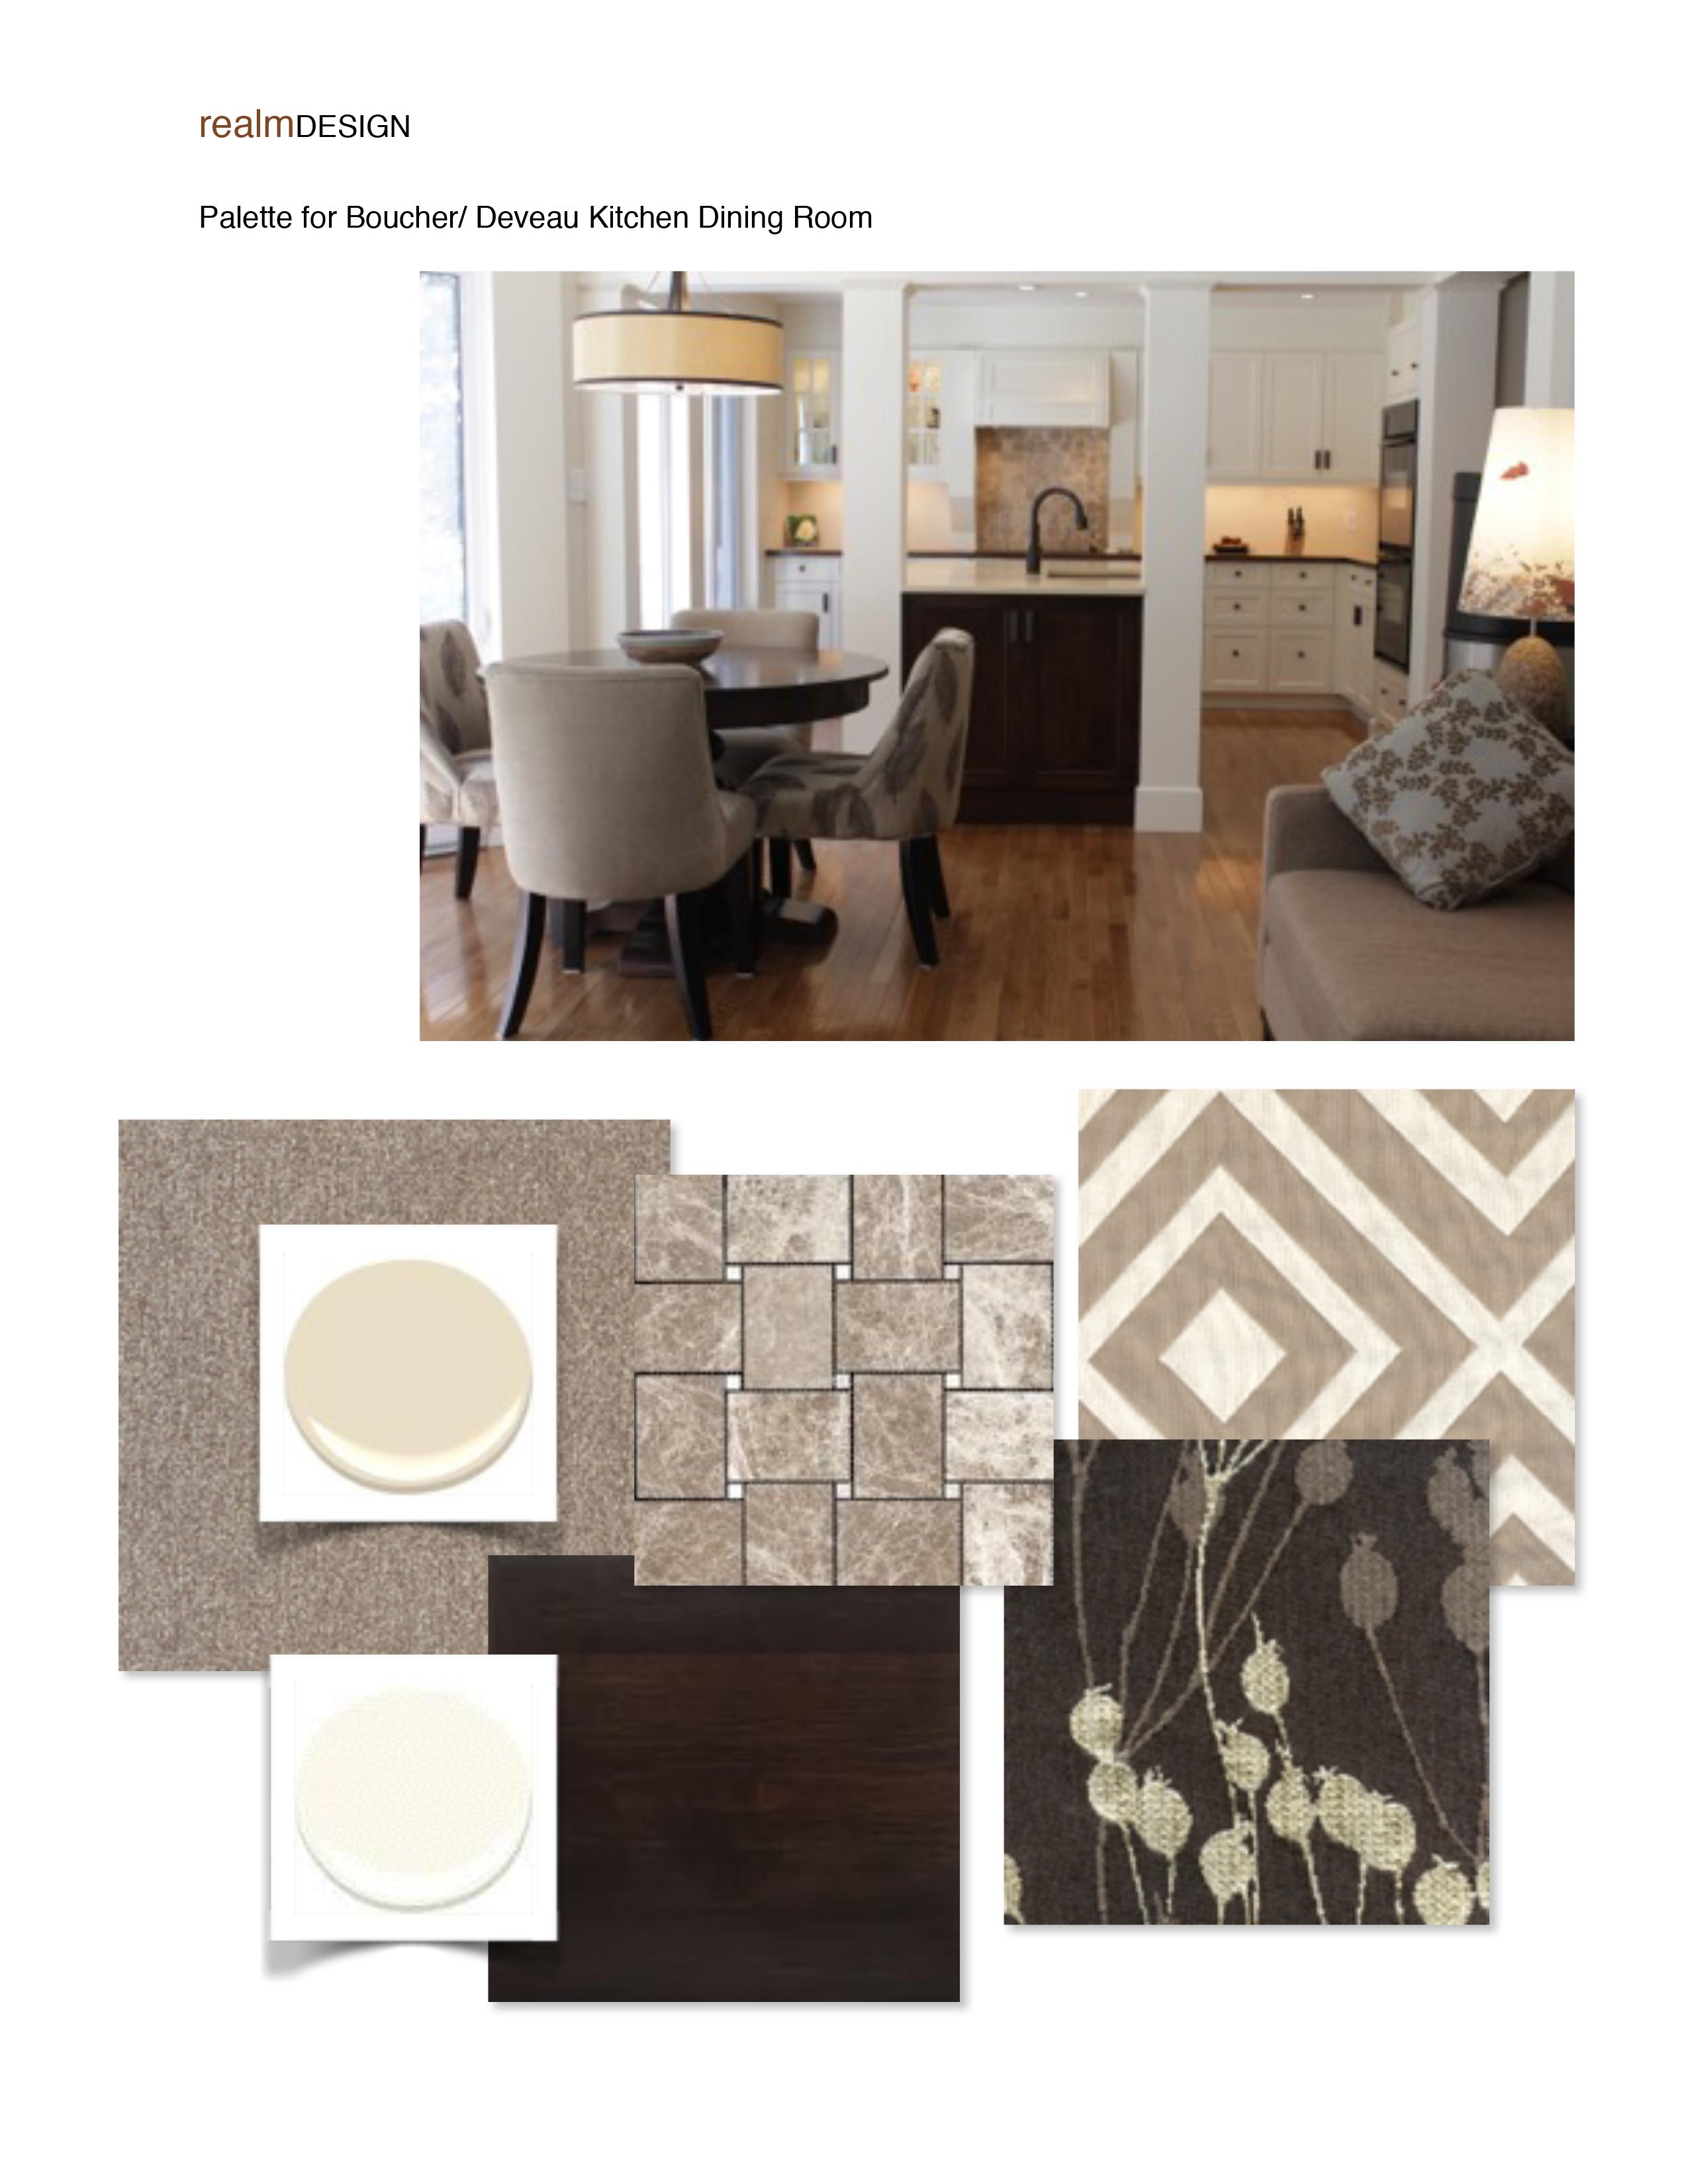 Palette for kitchen dining room boucher deveau.jpg